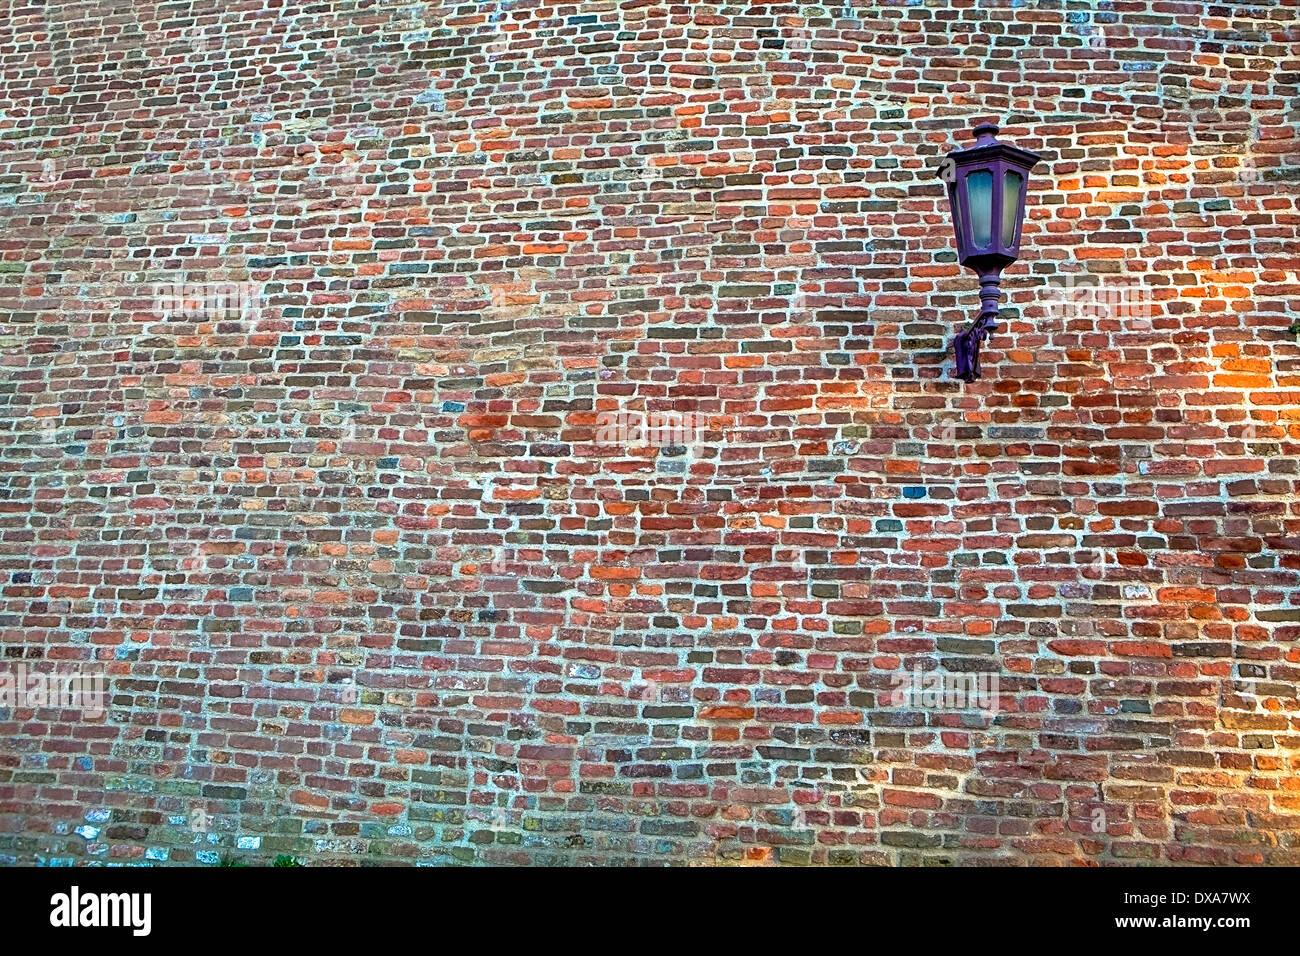 Lanterna su un muro di mattoni, sfondo pattern Immagini Stock